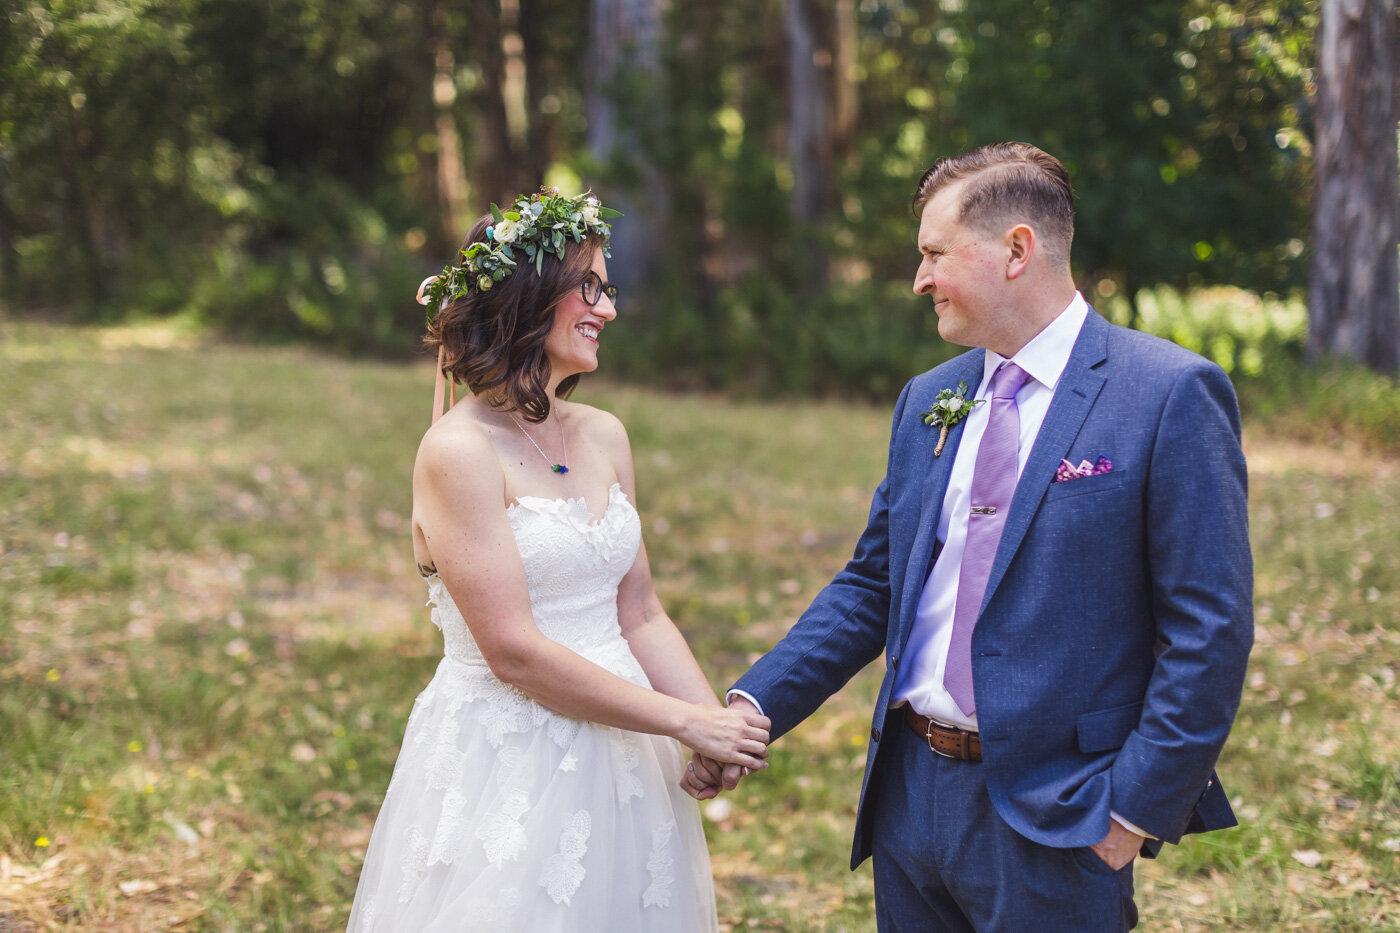 santa-cruz-bride-and-groom-portrait